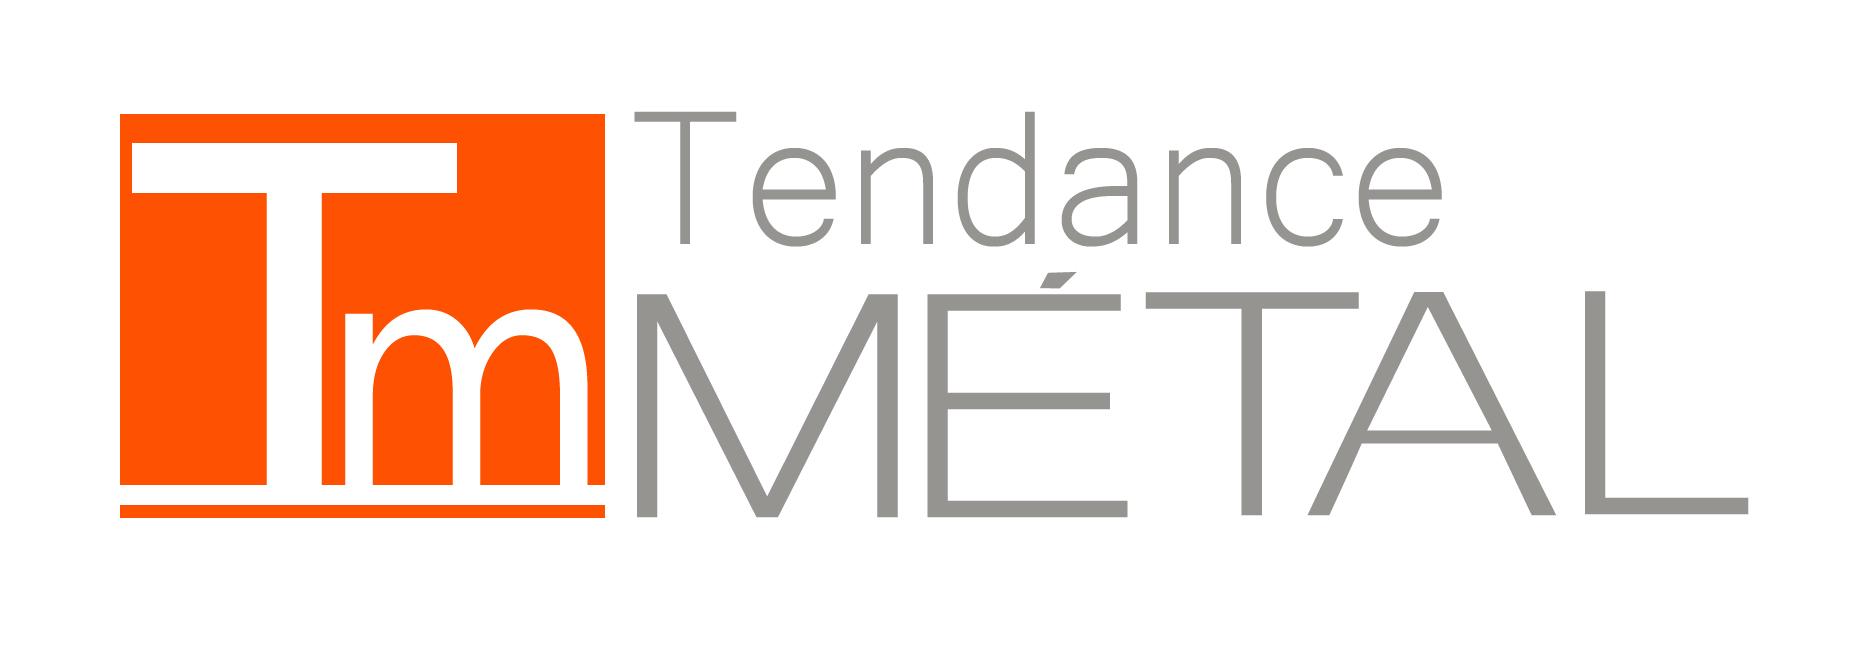 Tendance Métal